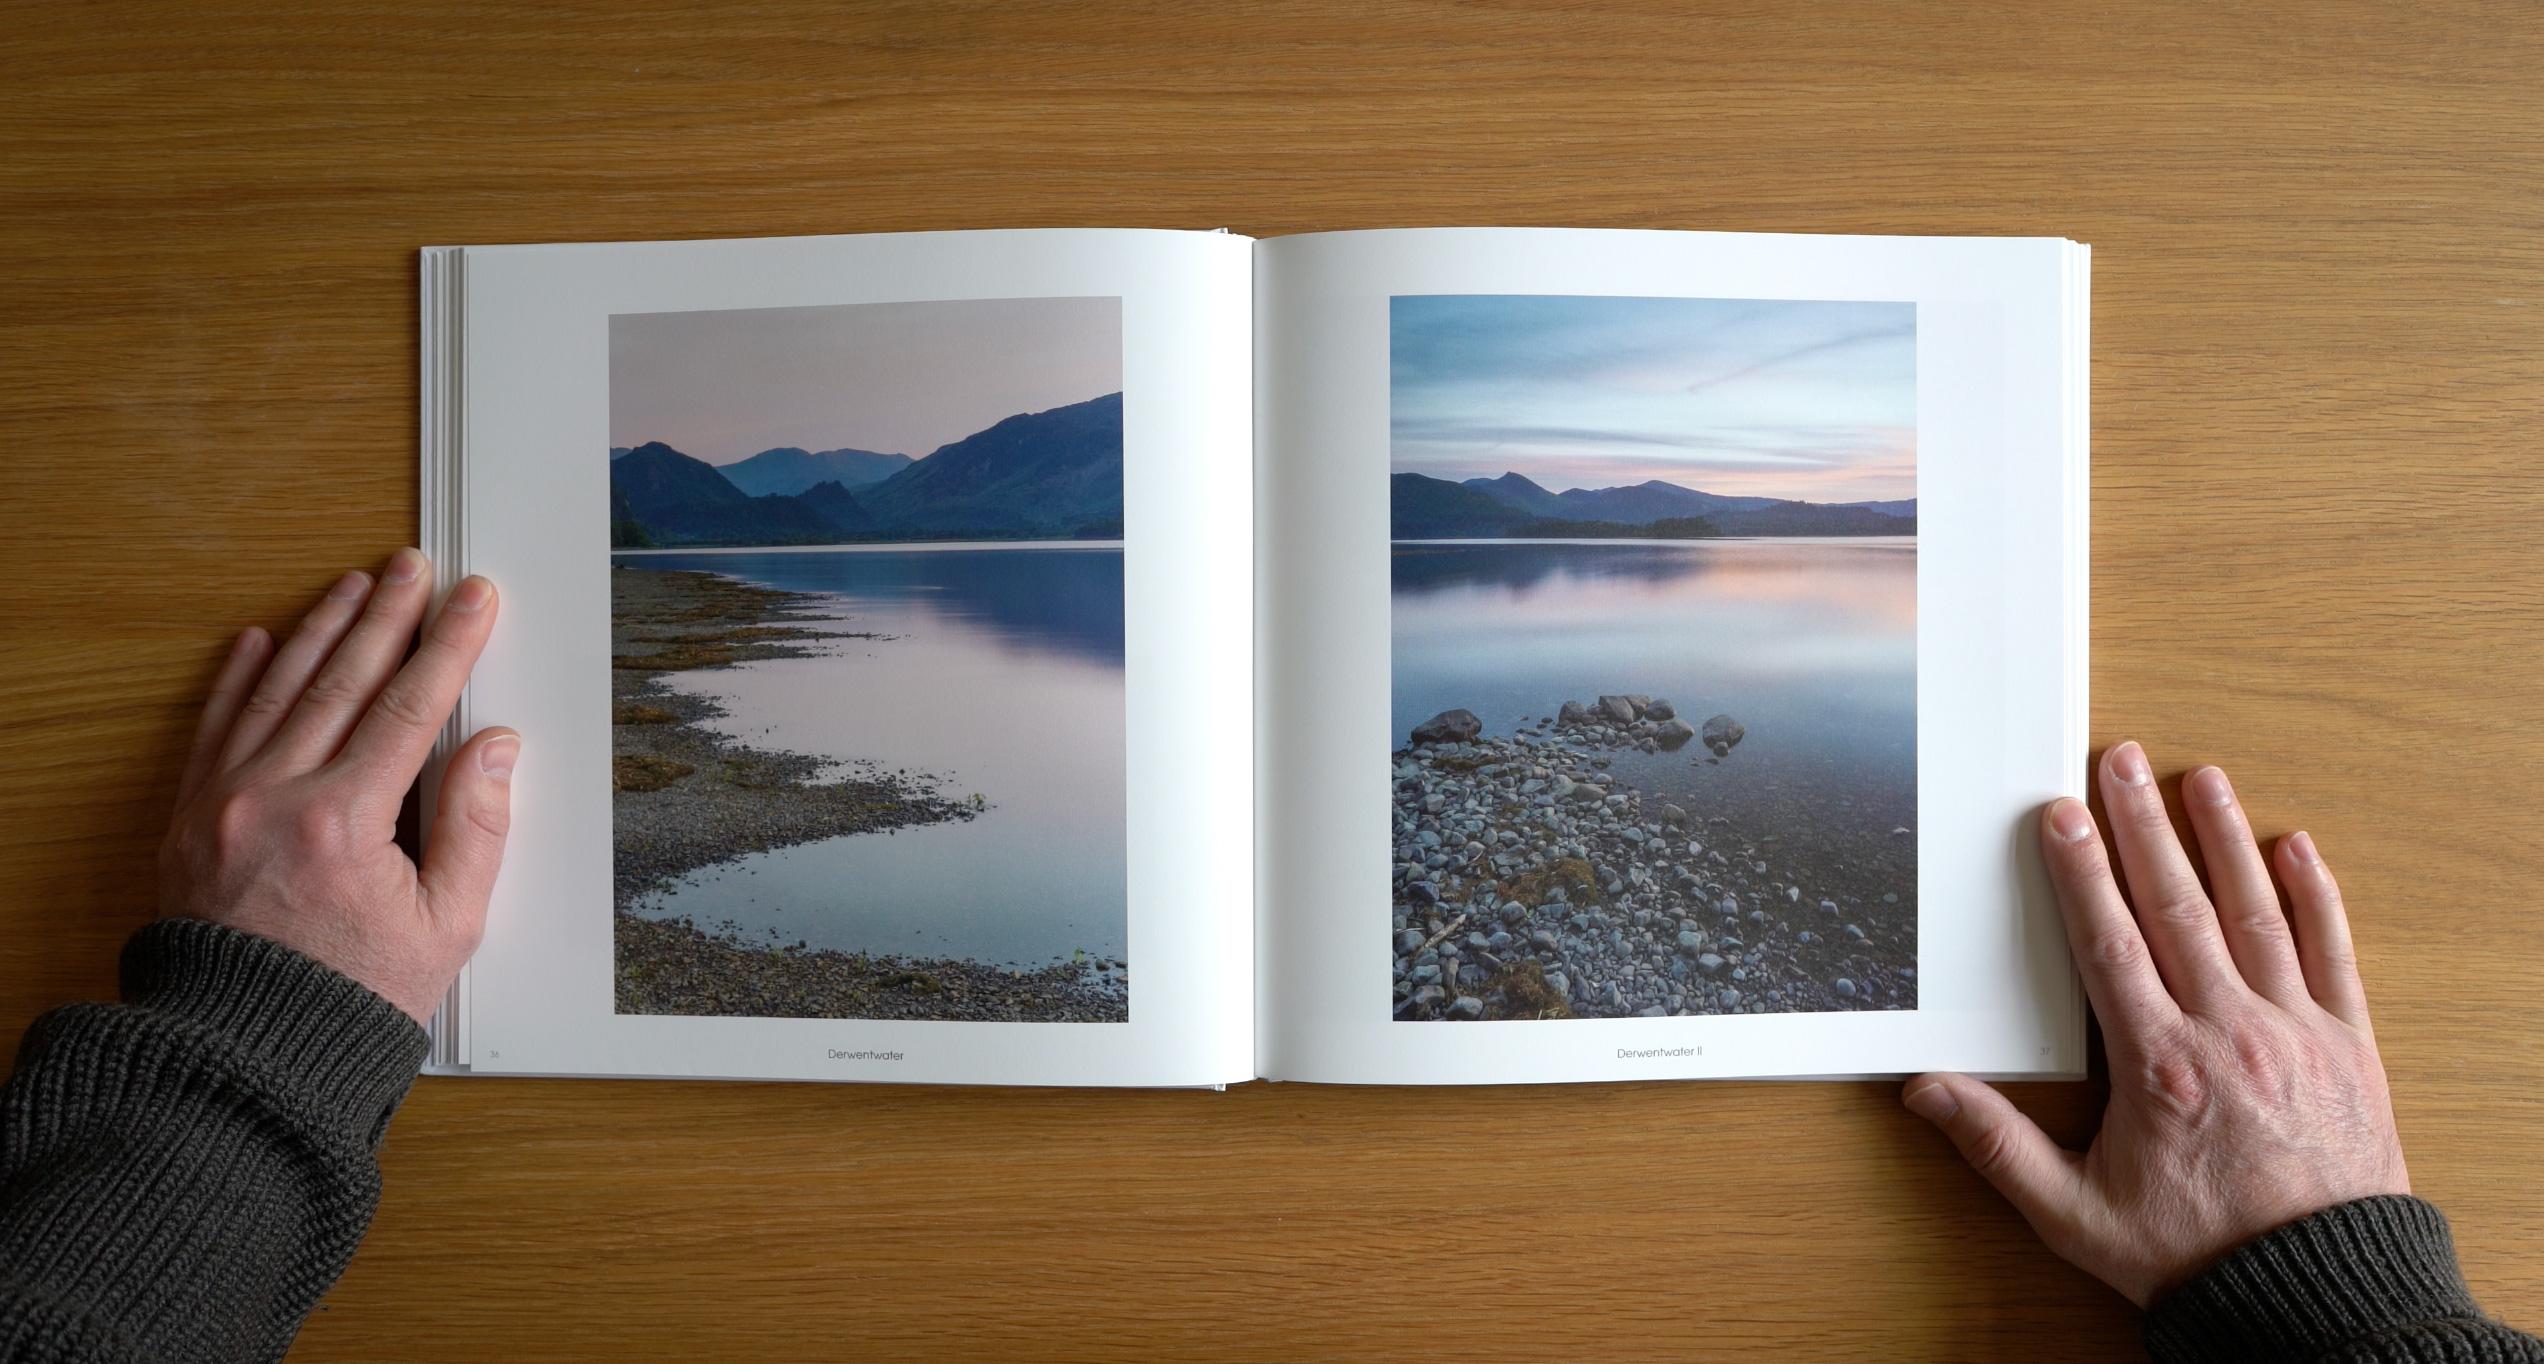 Capture Lakeland Volume 2 by James Bell - Derwentwater